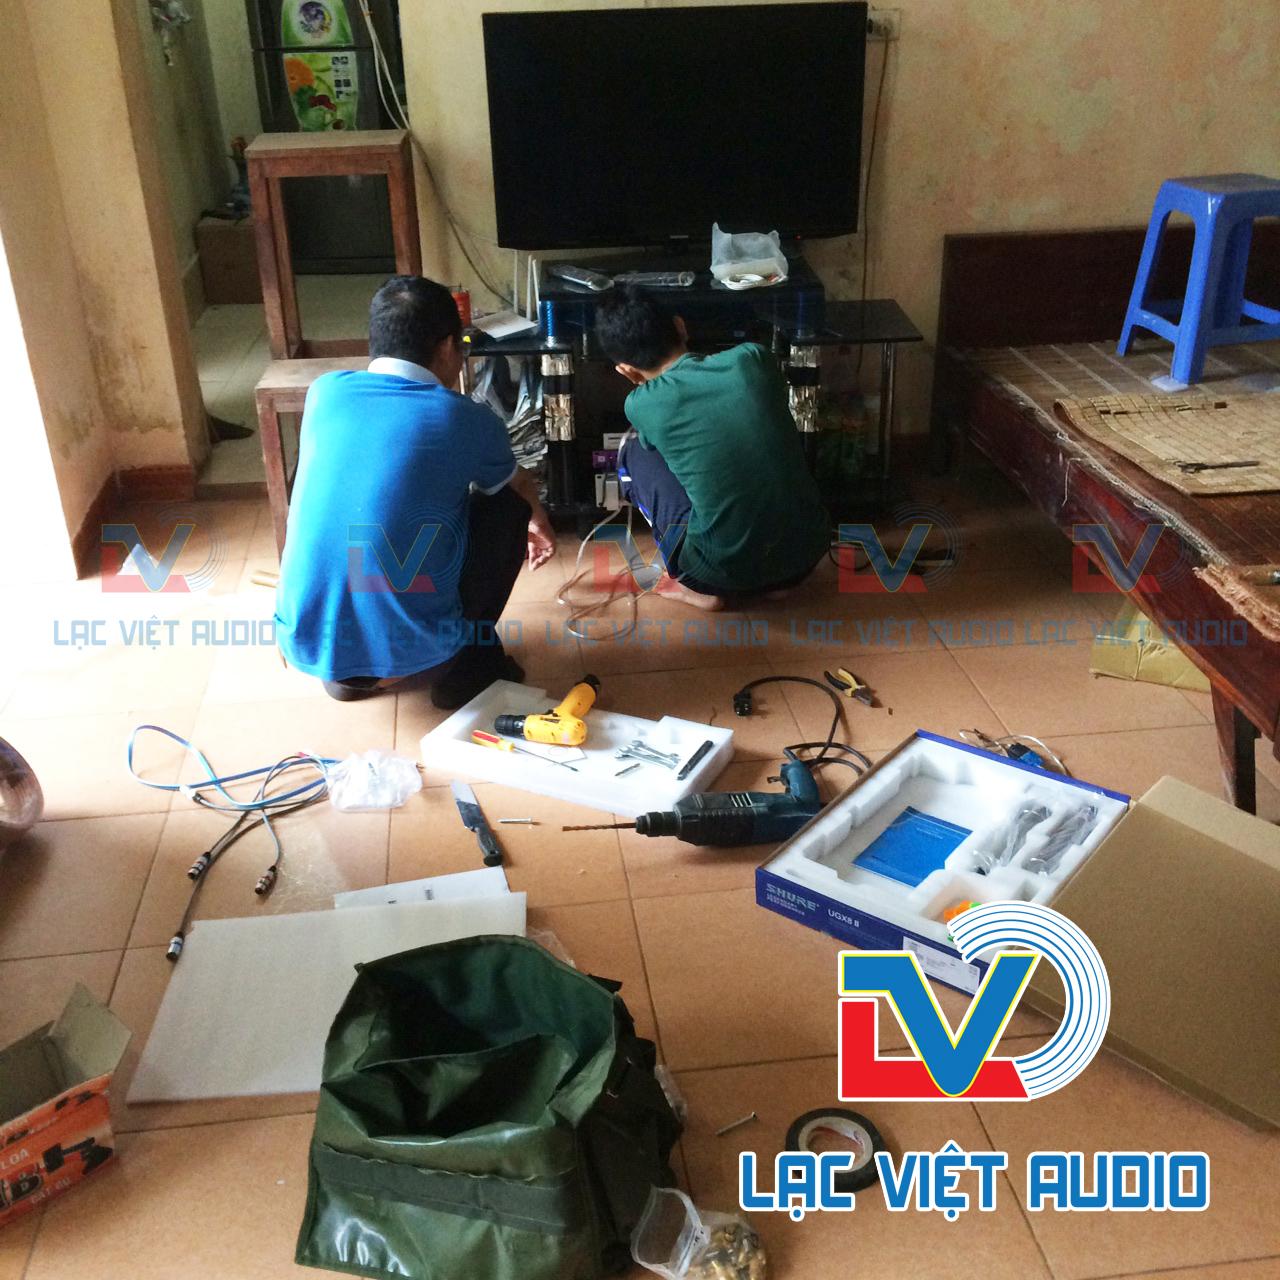 Kỹ thuật viên CTCP âm thanh Lạc Việt đang lắp đặt thiết bị